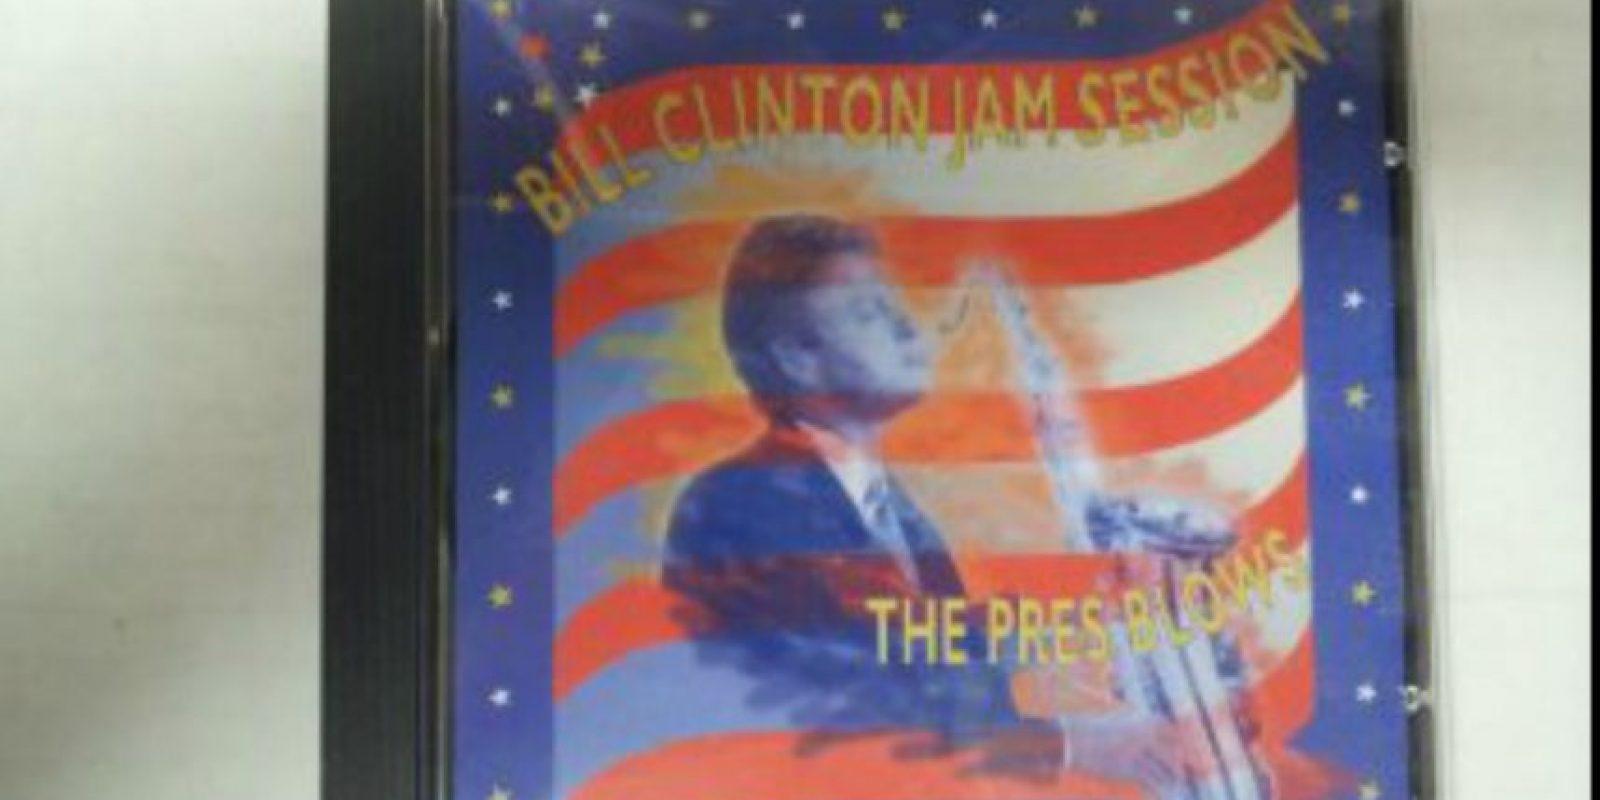 """Su material discográfico se llama """"Jam Sessions: The Pres Blows"""". Foto:Amazon.com"""